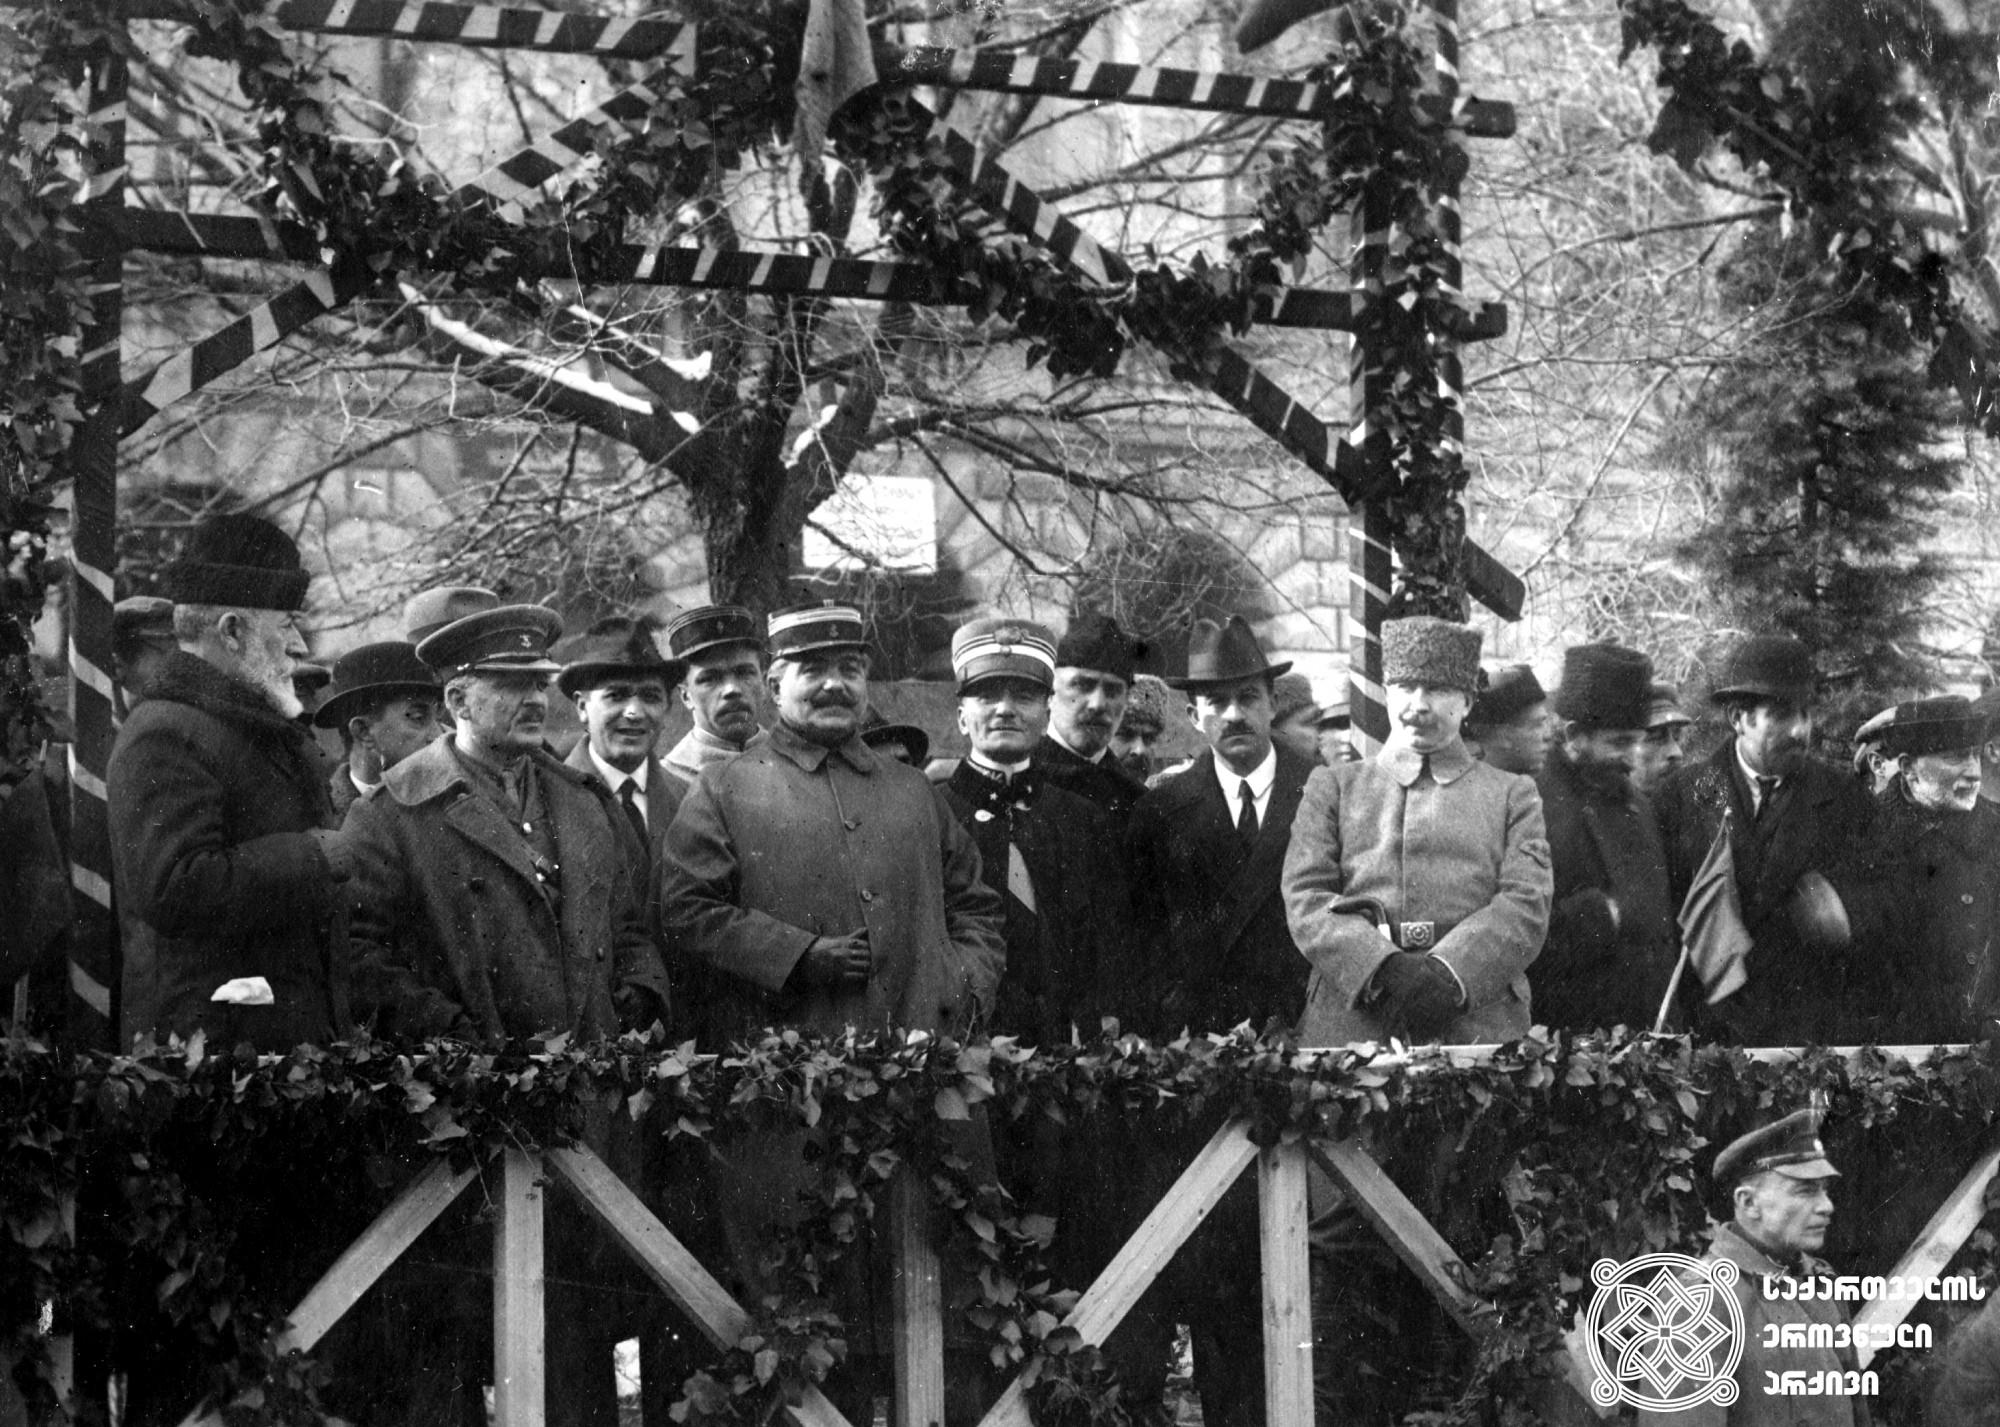 საქართველოს რესპუბლიკის დამოუკიდებლობის დე იურედ აღიარებისადმი მიძღვნილი ზეიმი თბილისში. ტრიბუნაზე არიან საქართველოს მთავრობისა და დამფუძნებელი კრების წევრები უცხოეთის დიპლომატიური მისიების წარმომადგენლებთან ერთად. <br> 1921 წლის 6 თებერვალი. <br> Celebration dedicated to the de jure recognition of the independence of the Republic of Georgia in Tbilisi. Members of the Government of Georgia and the Constituent Assembly together with the representatives of foreign diplomatic missions. <br> February 6, 1921.